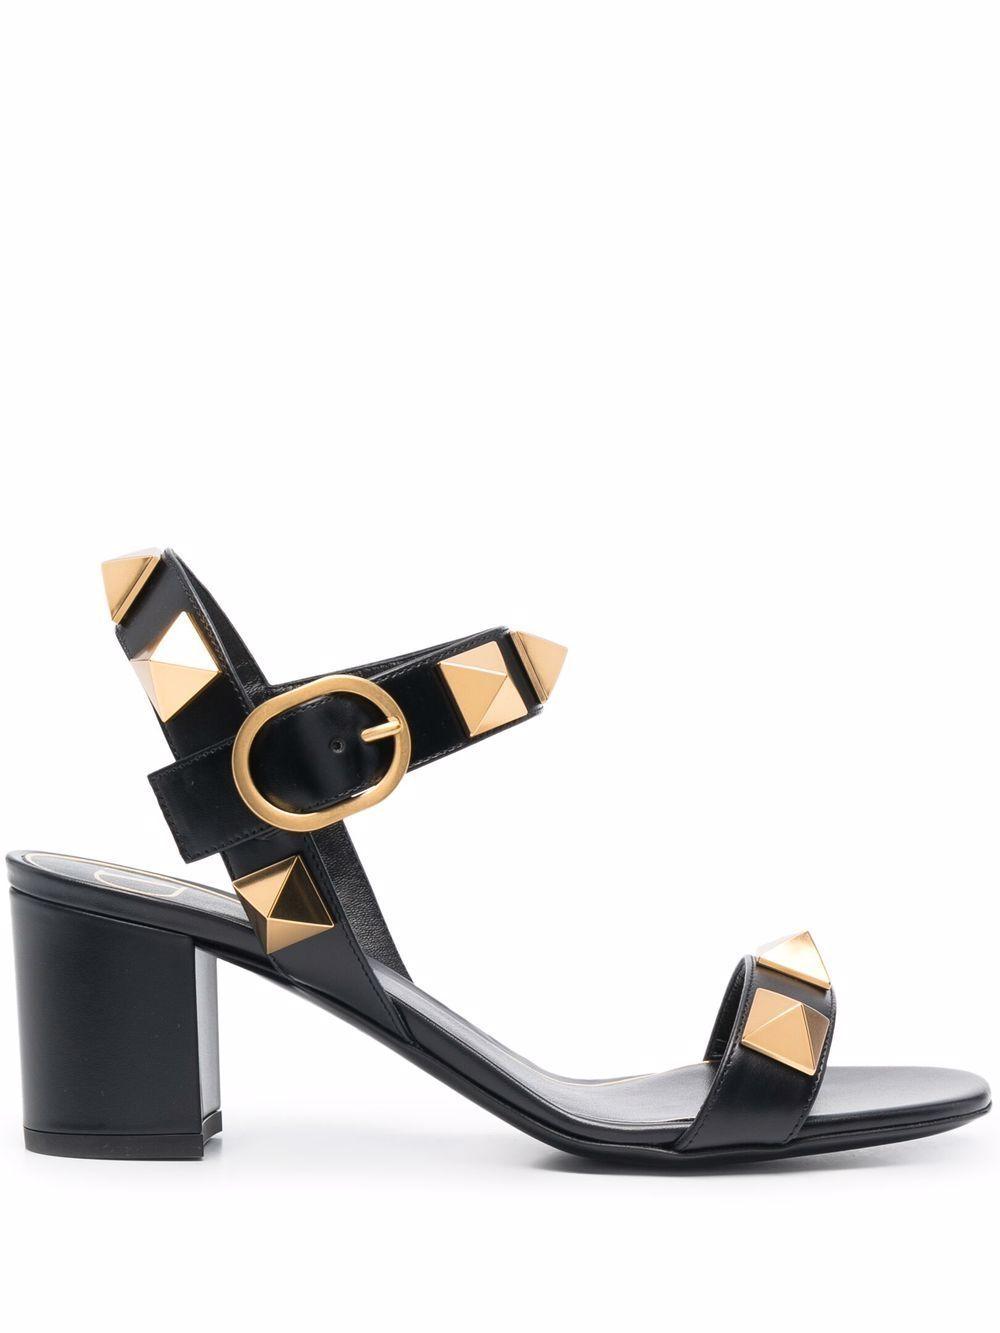 Sandalo con tacco roman stud in pelle